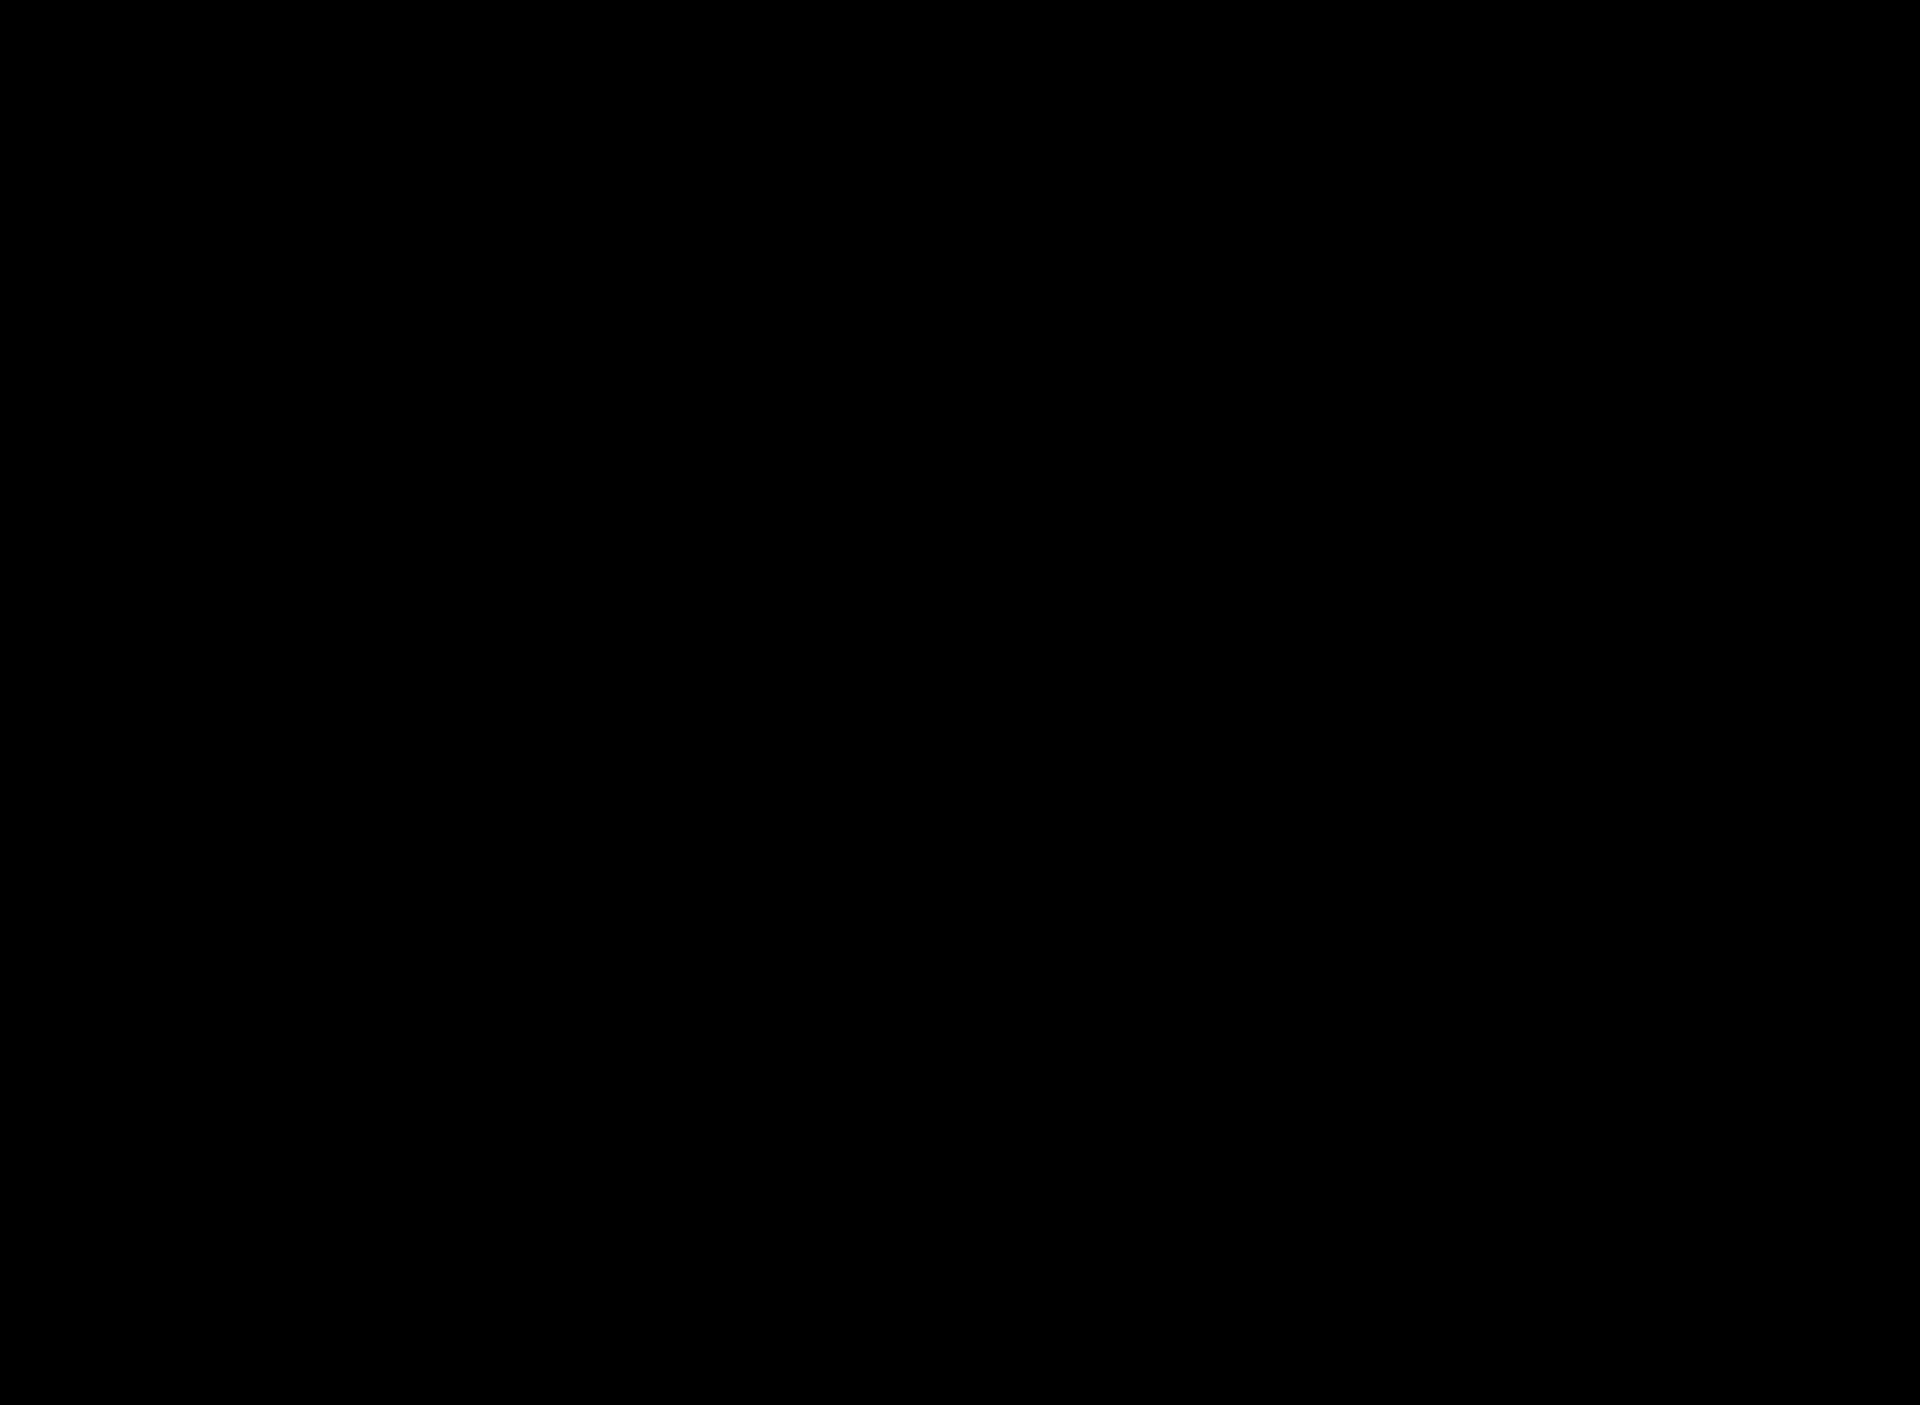 Anima7